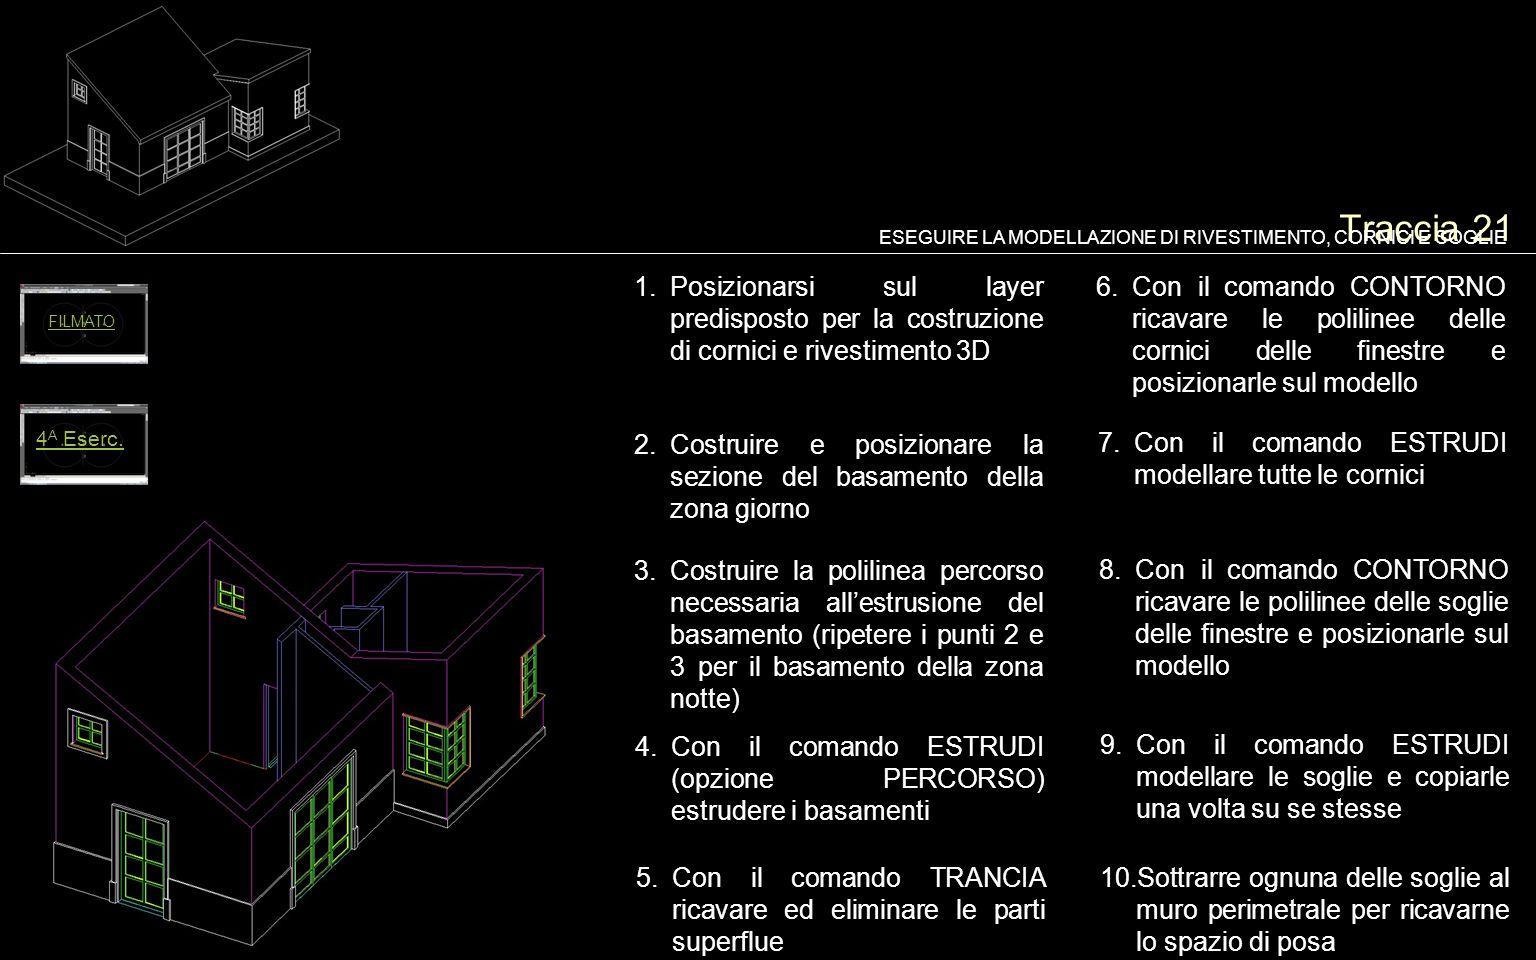 Traccia 21 ESEGUIRE LA MODELLAZIONE DI RIVESTIMENTO, CORNICI E SOGLIE.